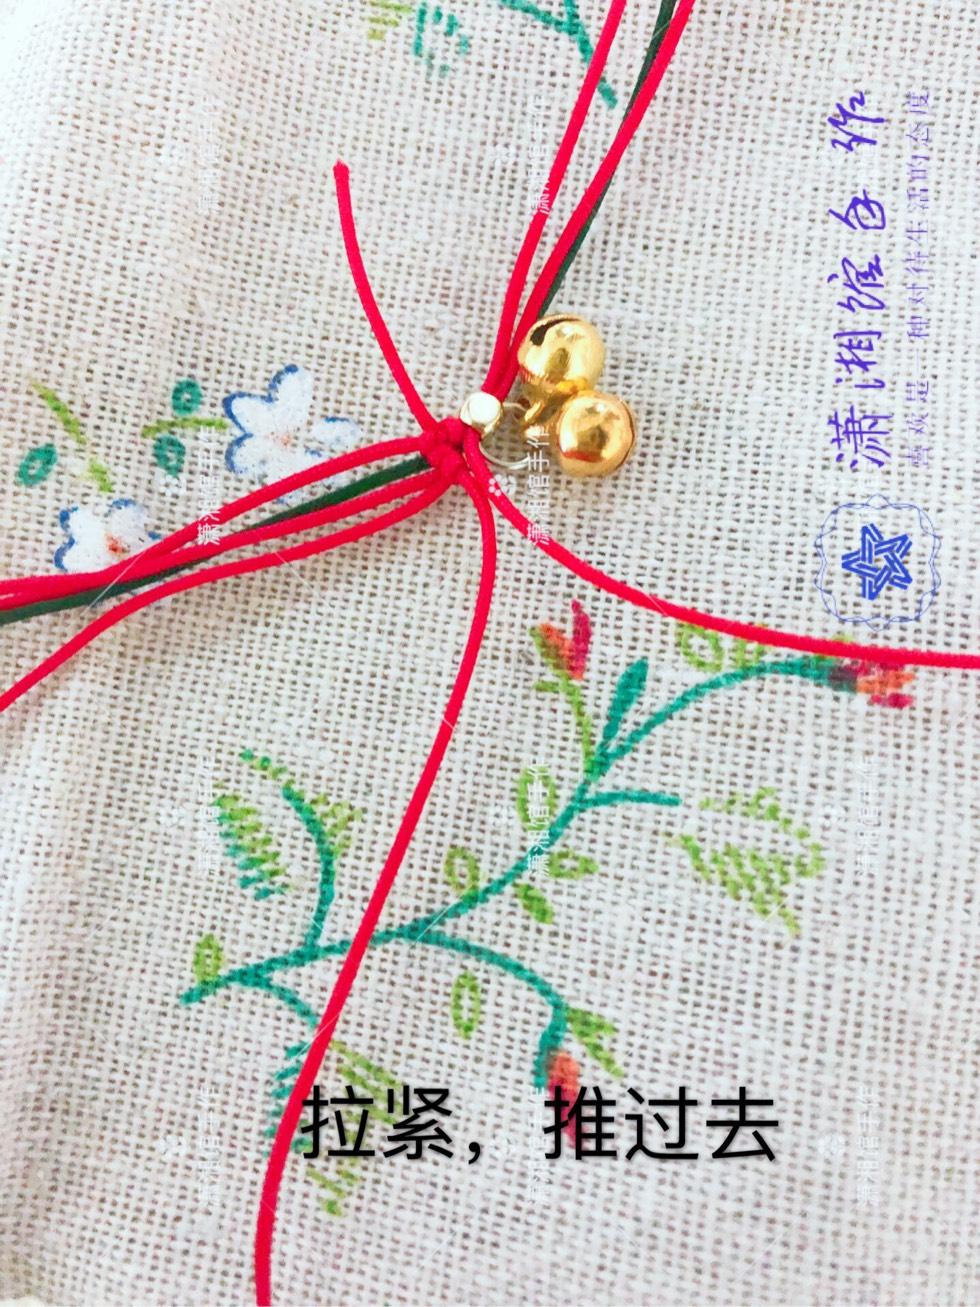 中国结论坛 圣诞节蝴蝶结手链  图文教程区 114825a734rog29c4xh1ju